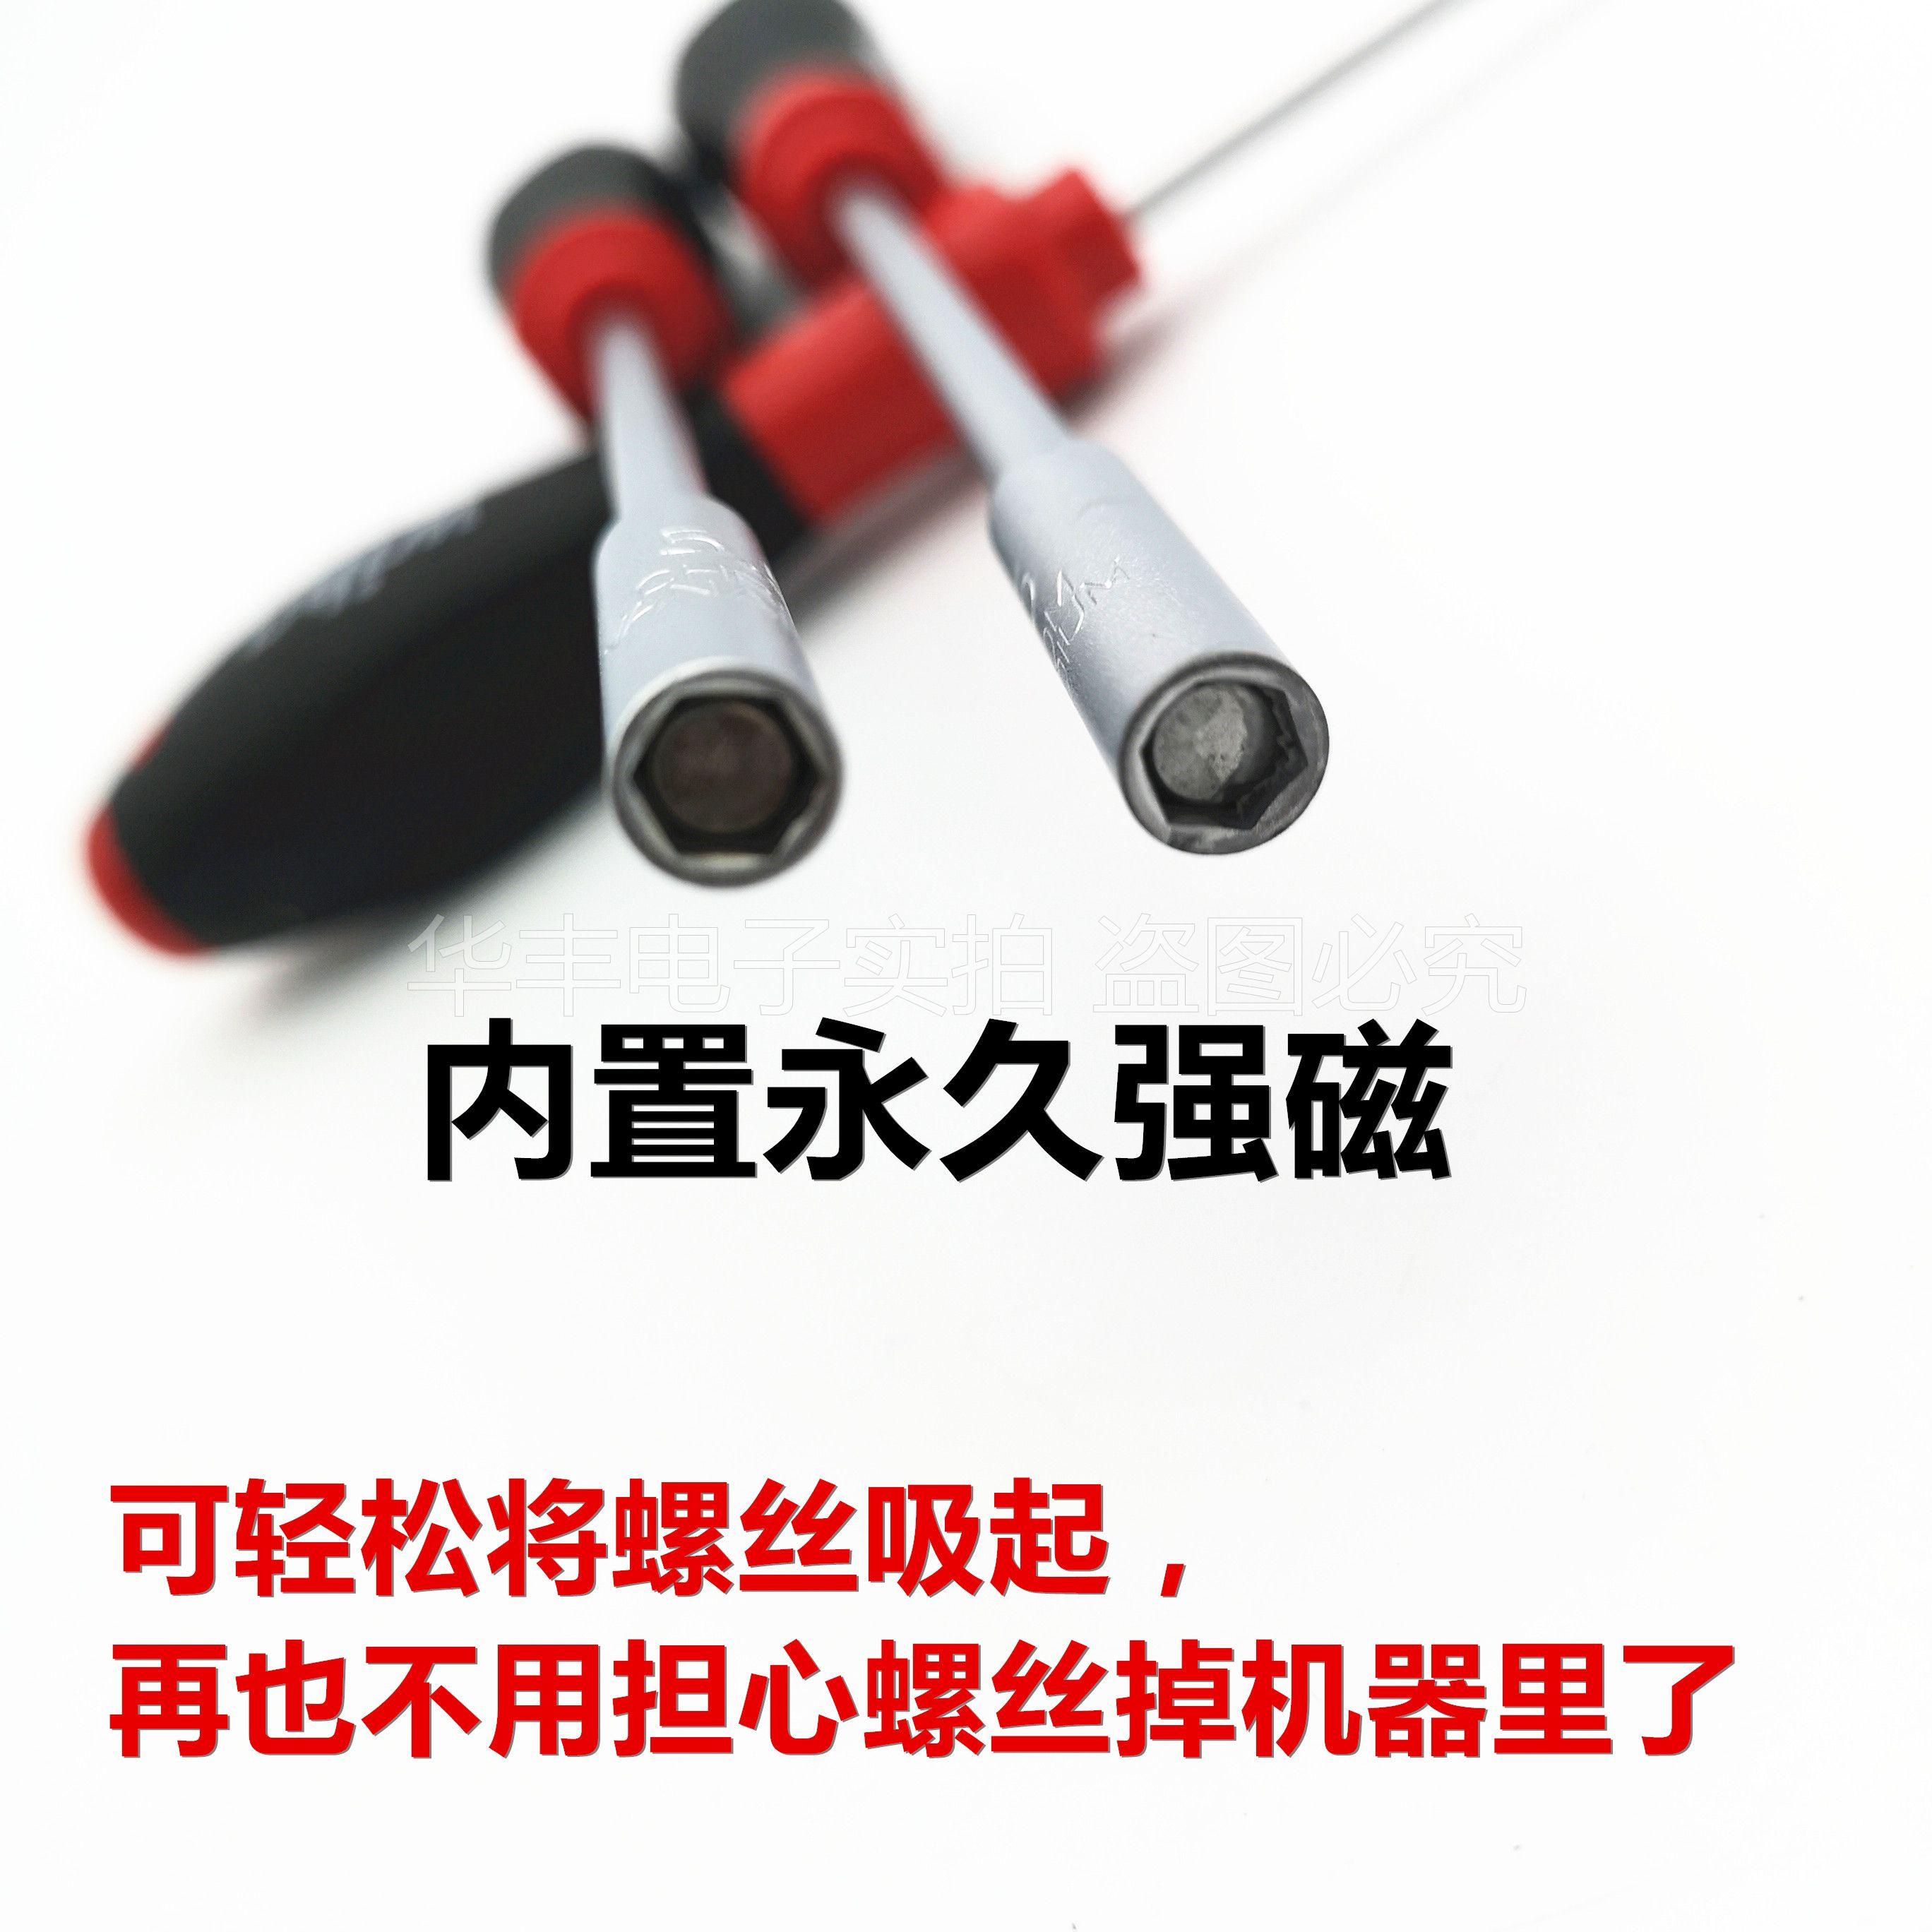 德国进口wiha威汉341带强磁5.5主机理光维修施乐专用套筒螺丝刀批